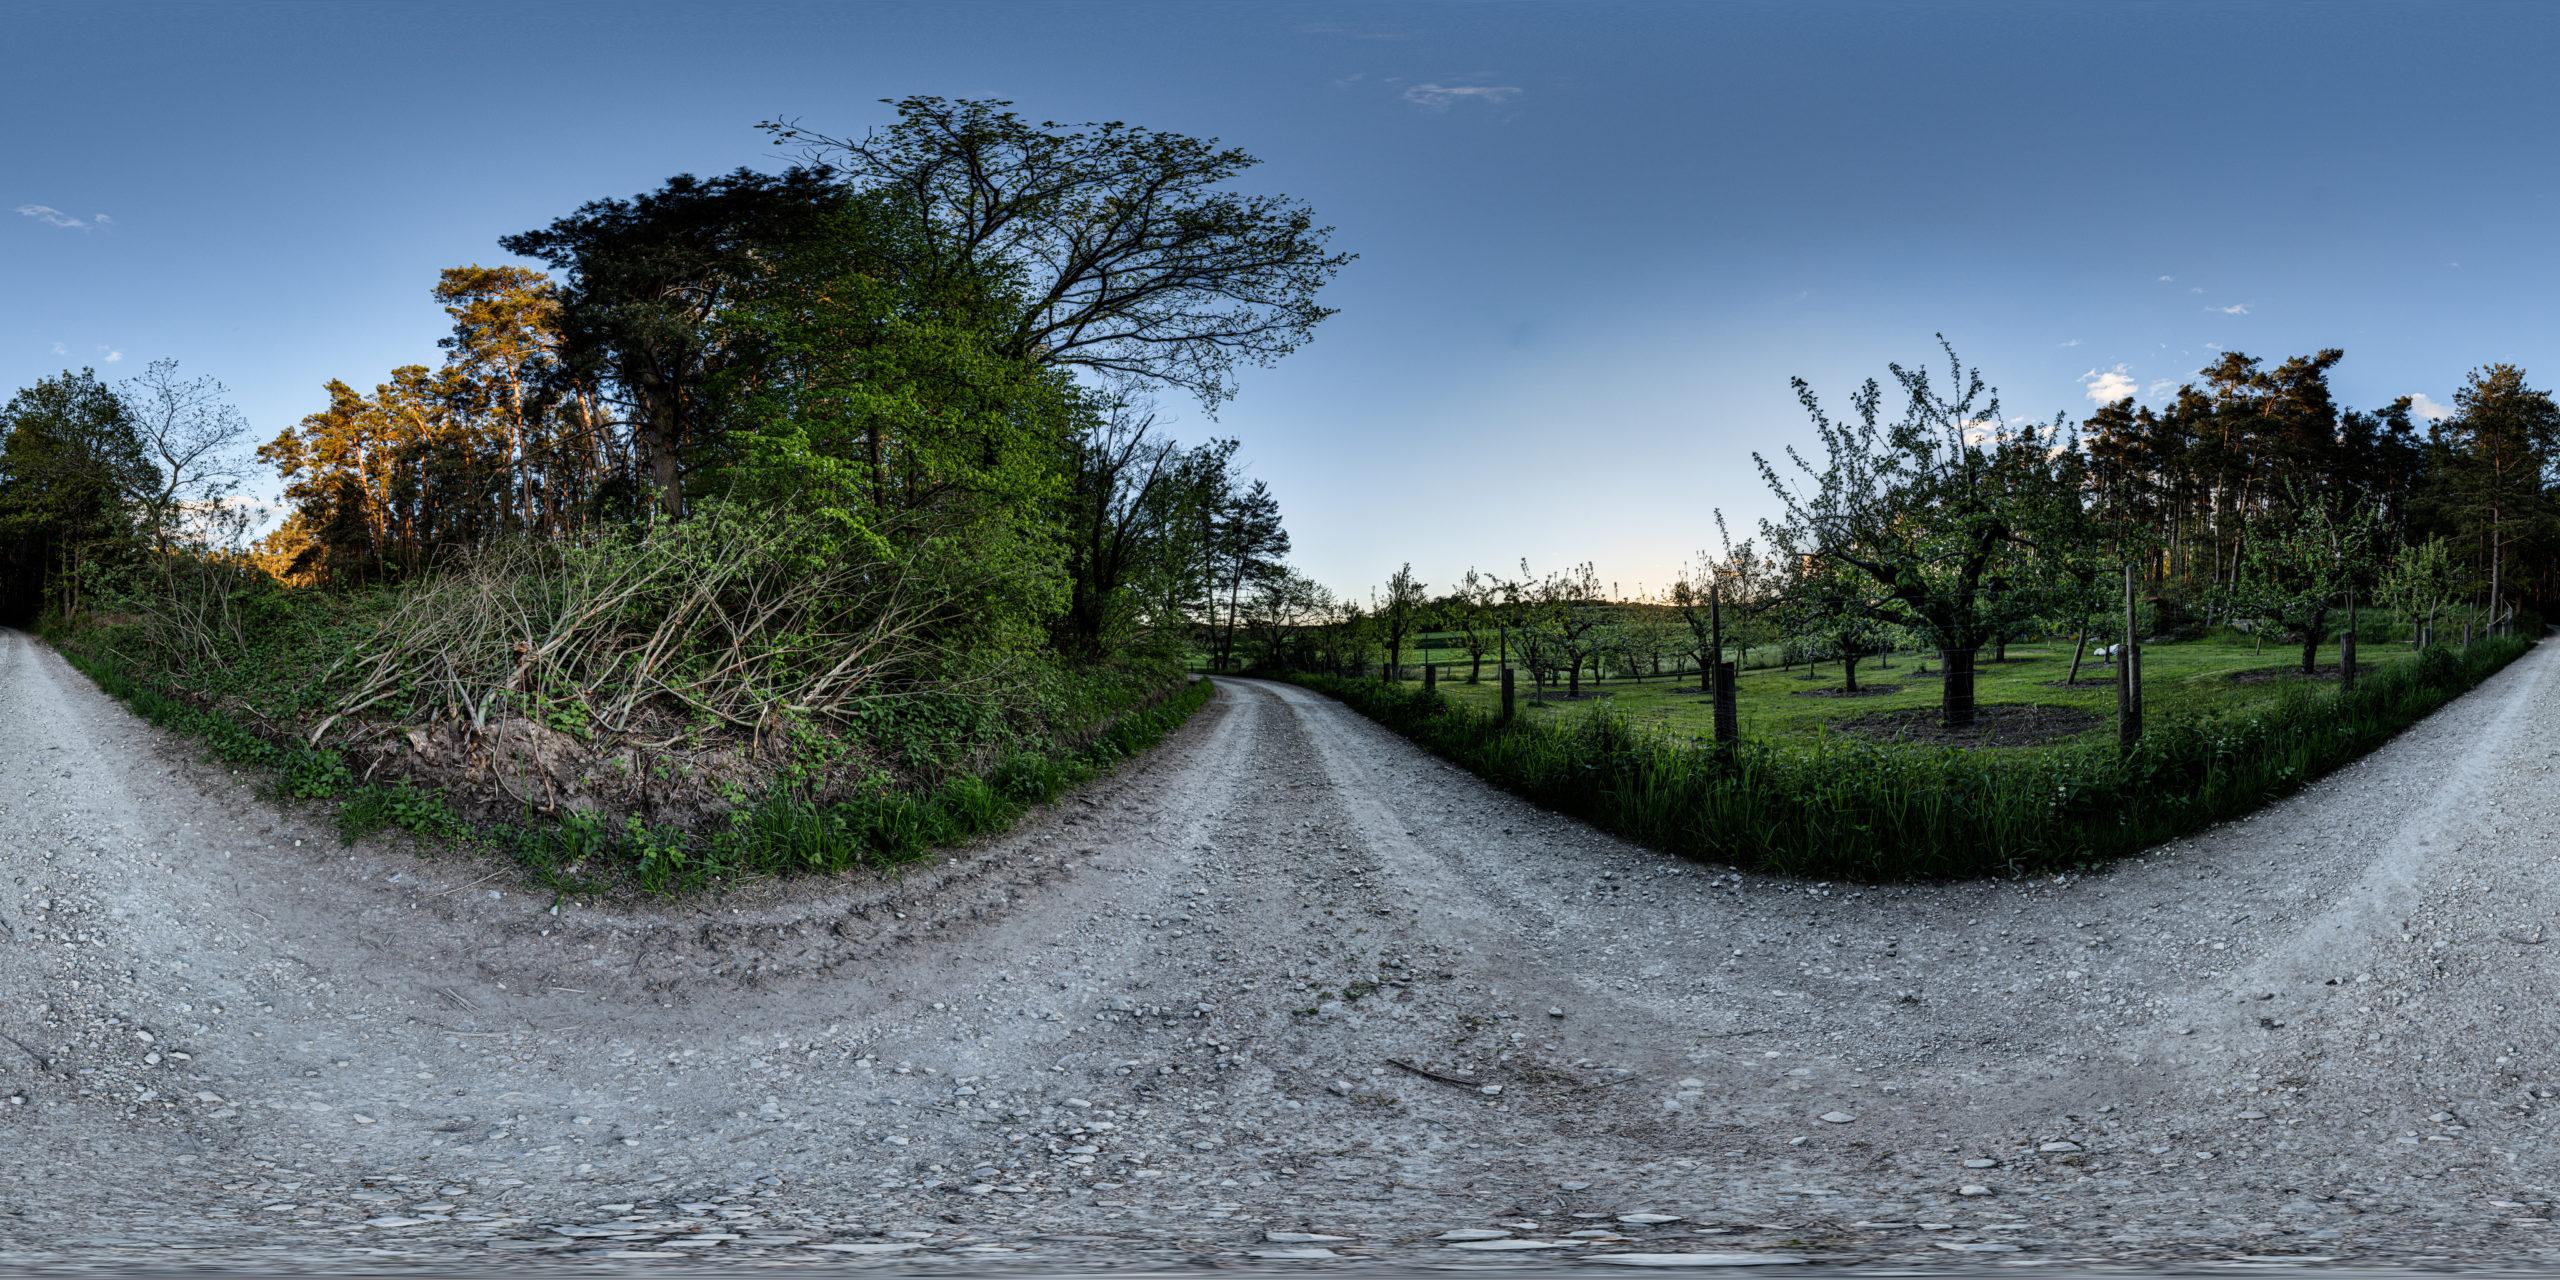 HDRI-Skies-Field-Path-Fence-Steinbacher-Street-Georgensgmünd